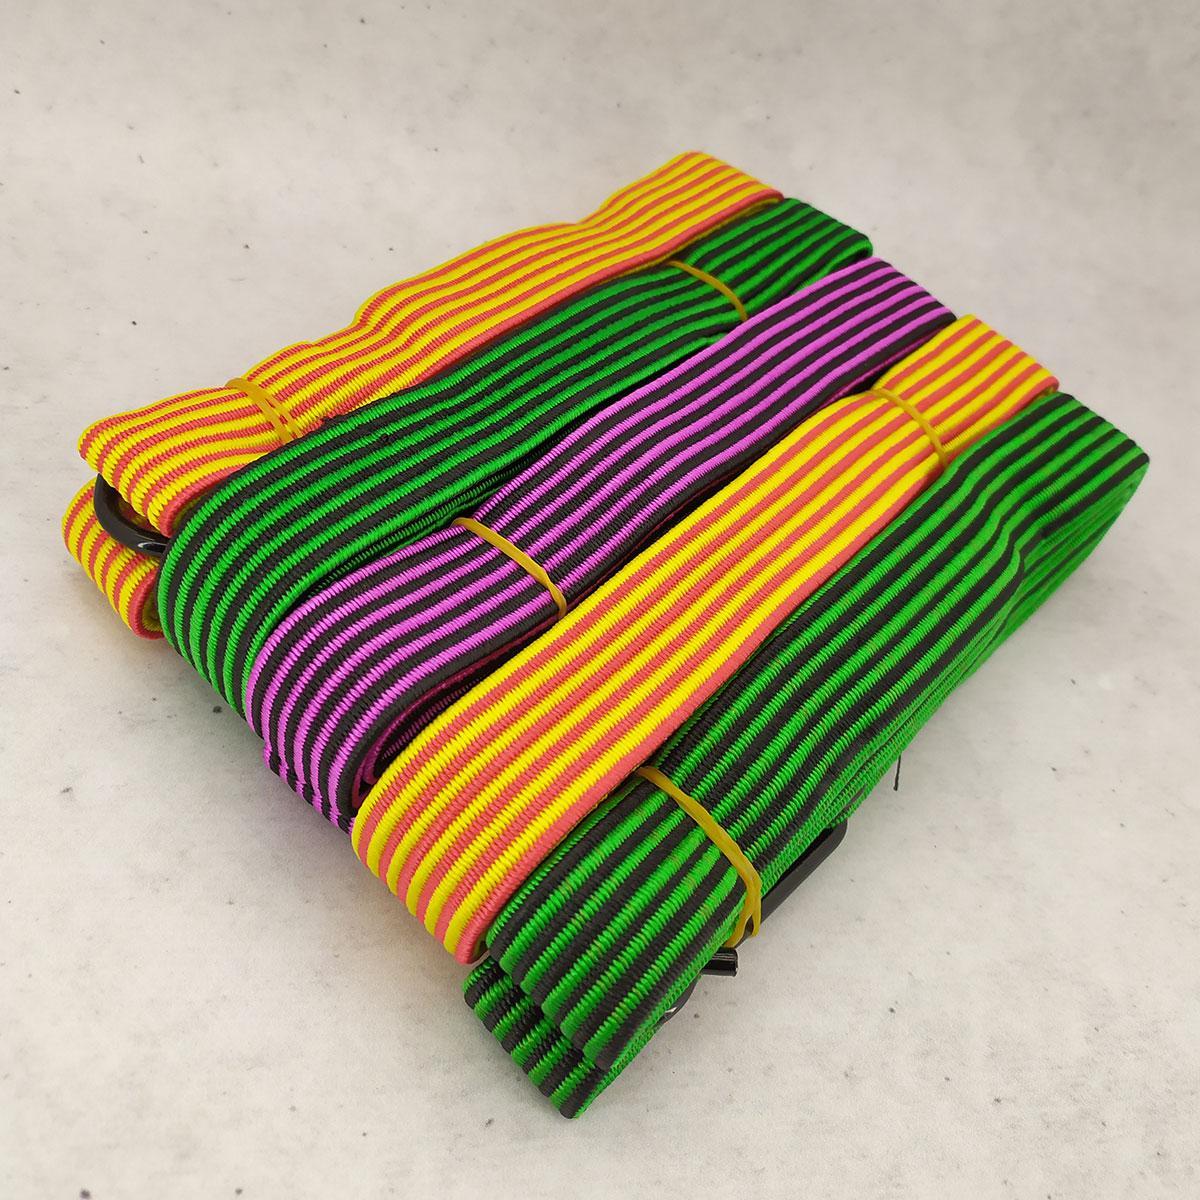 Резинка крепежная для багажа с крючками 2,5 см 1.5 м (10 шт/уп) жгут резиновый